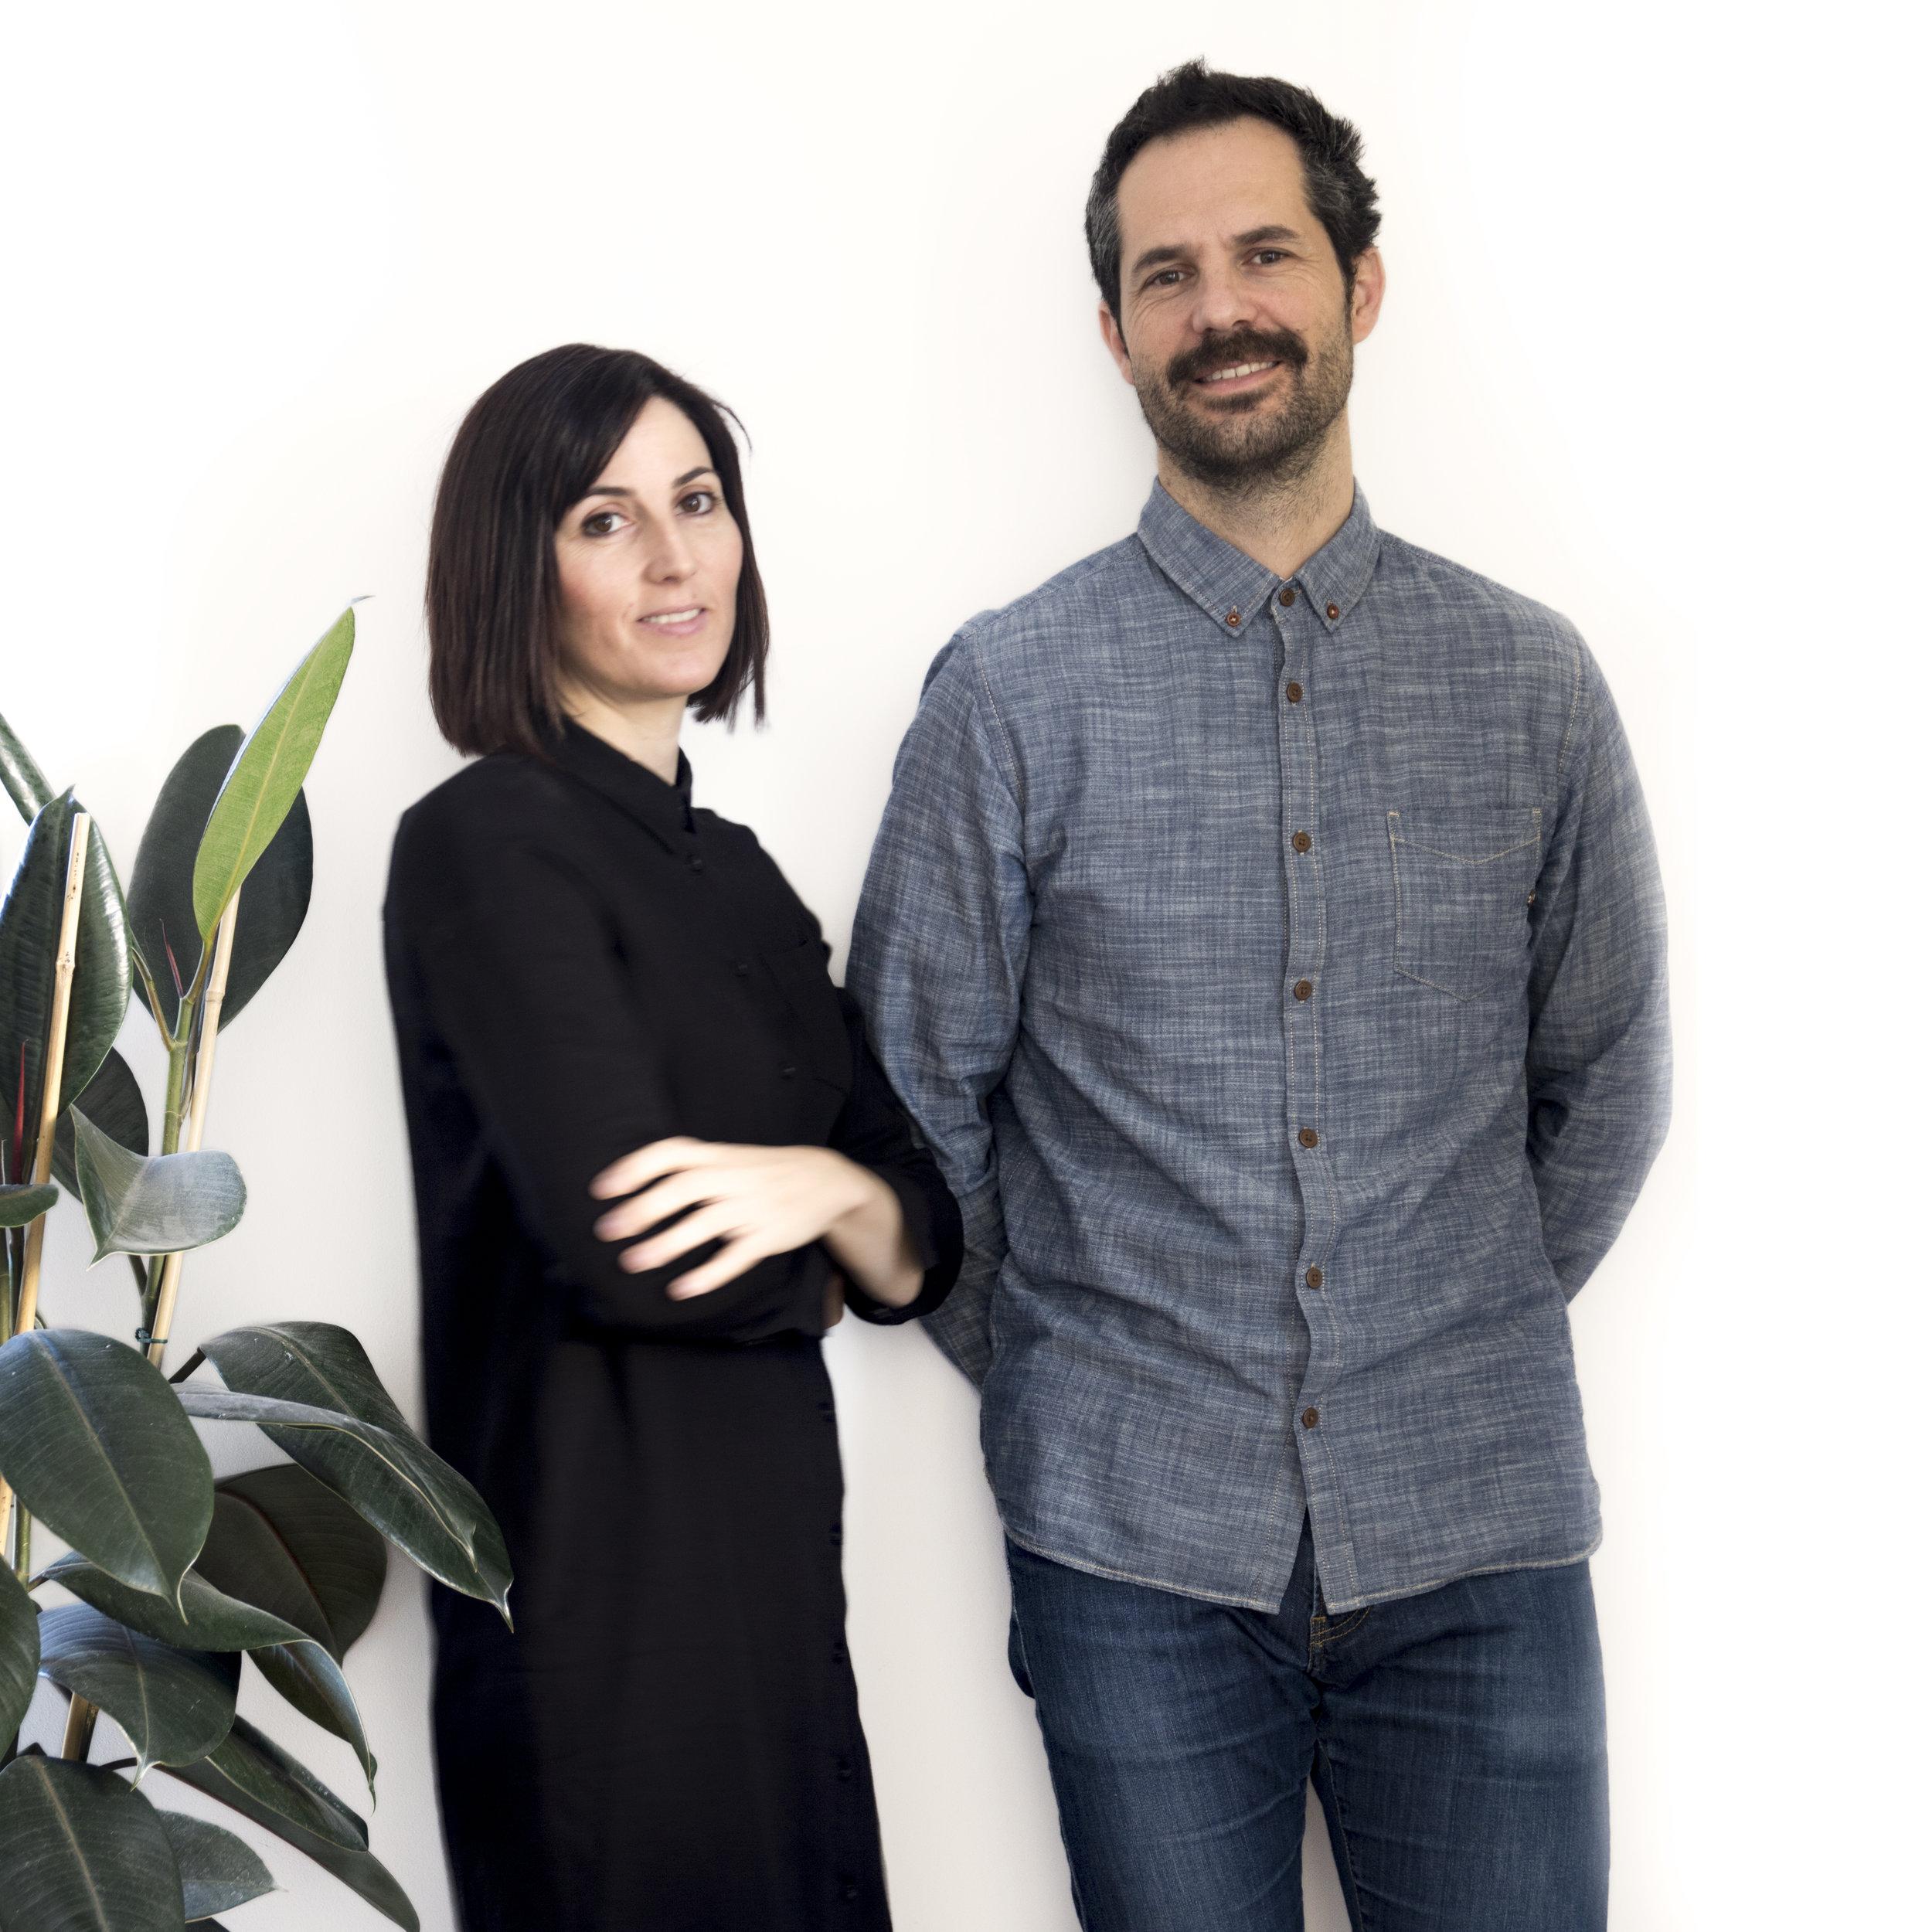 Somos    Marta    &    Enric   , freaks de la tipografía. Hola :)